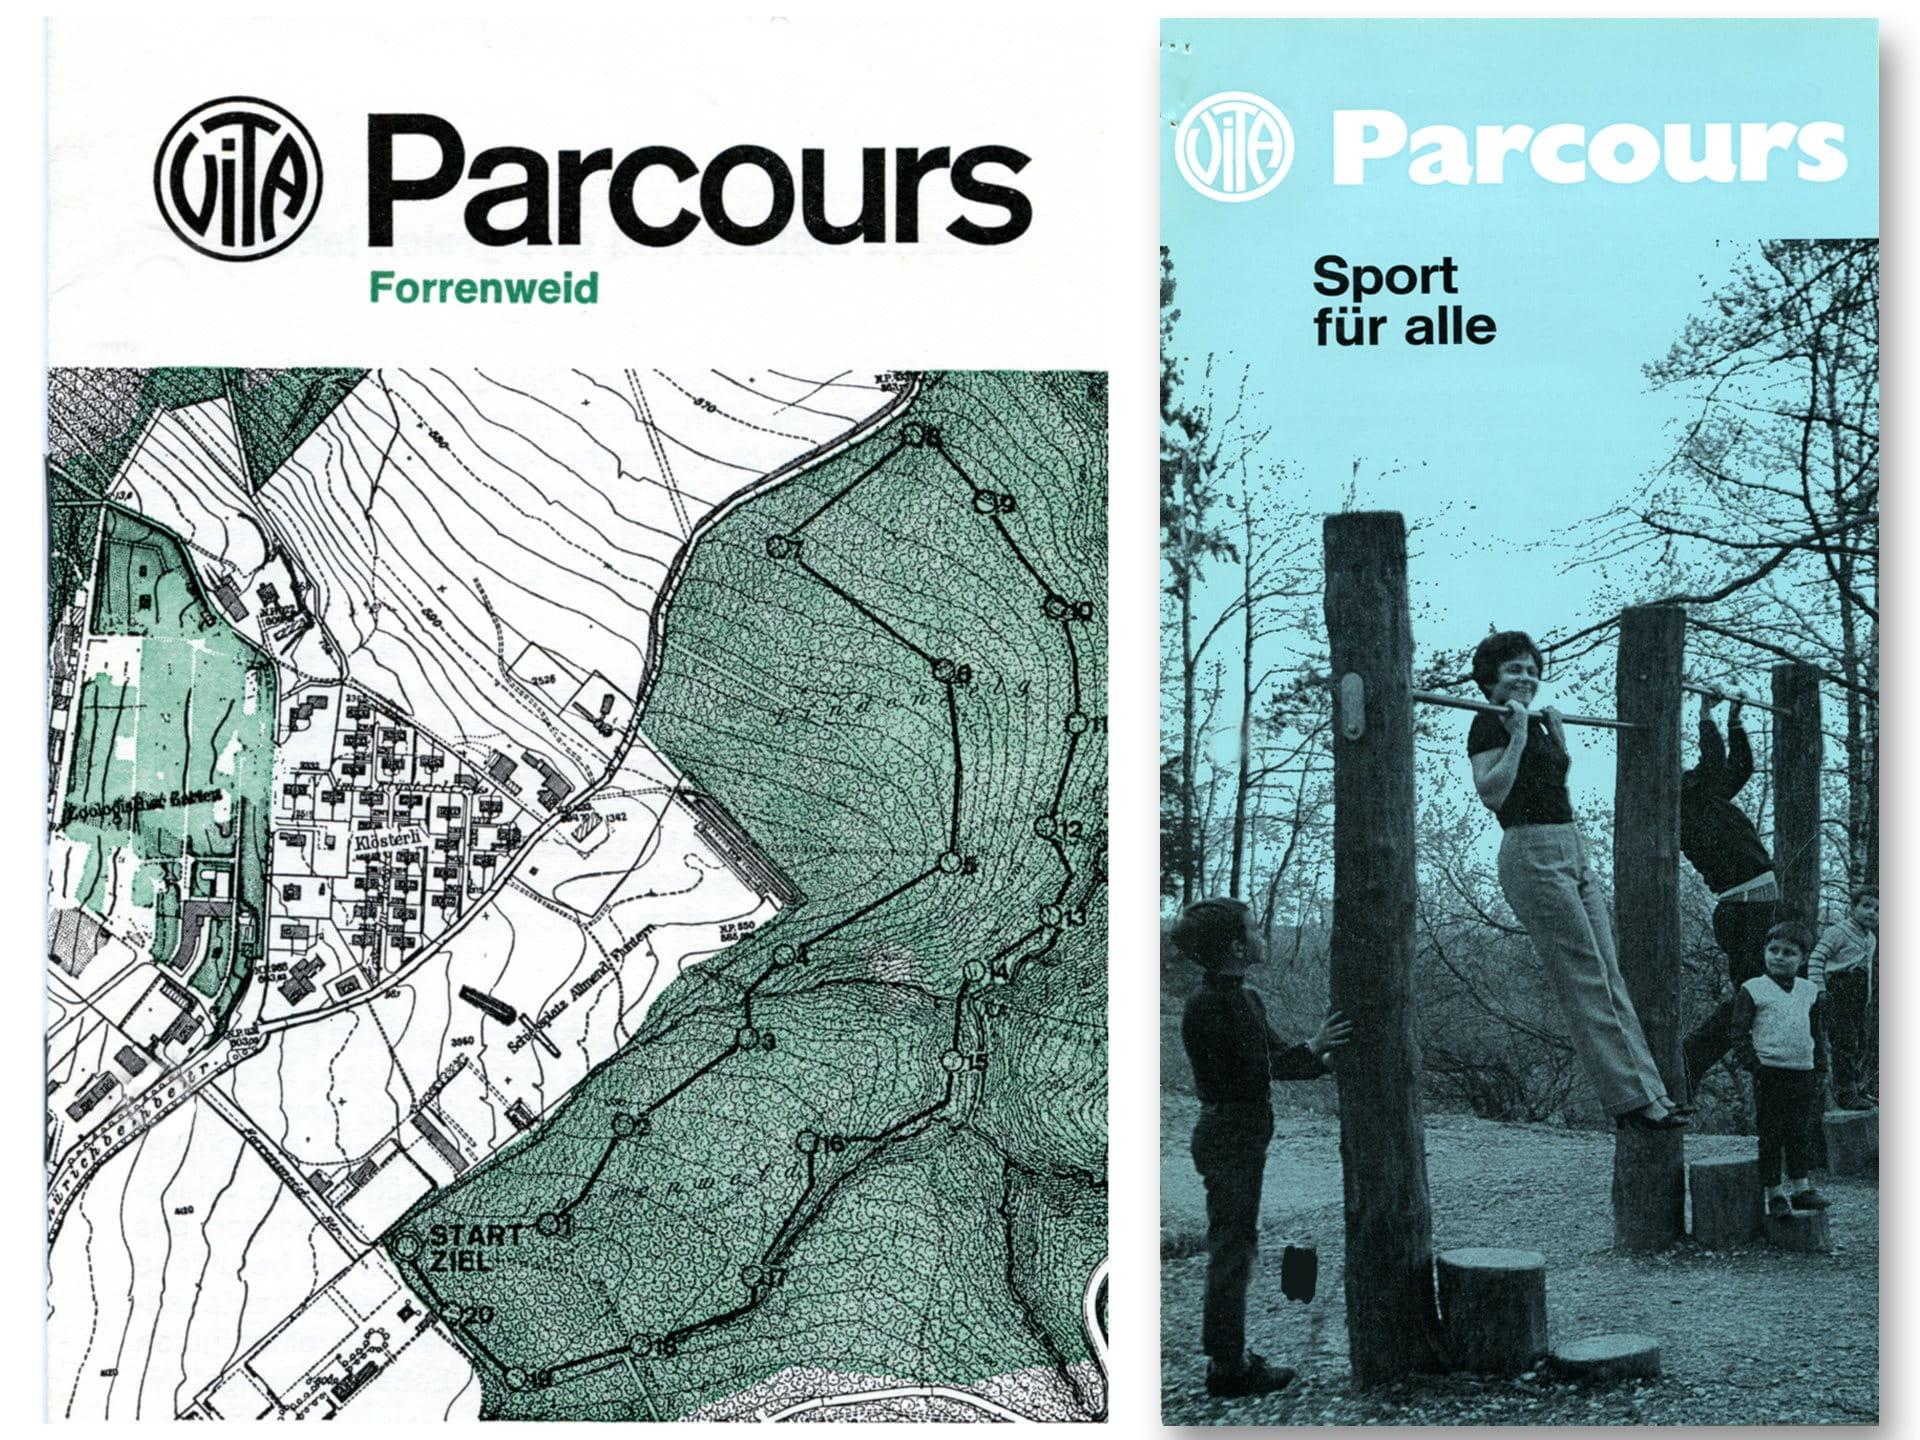 1968: Einführung der Zurich Vita-Parcours